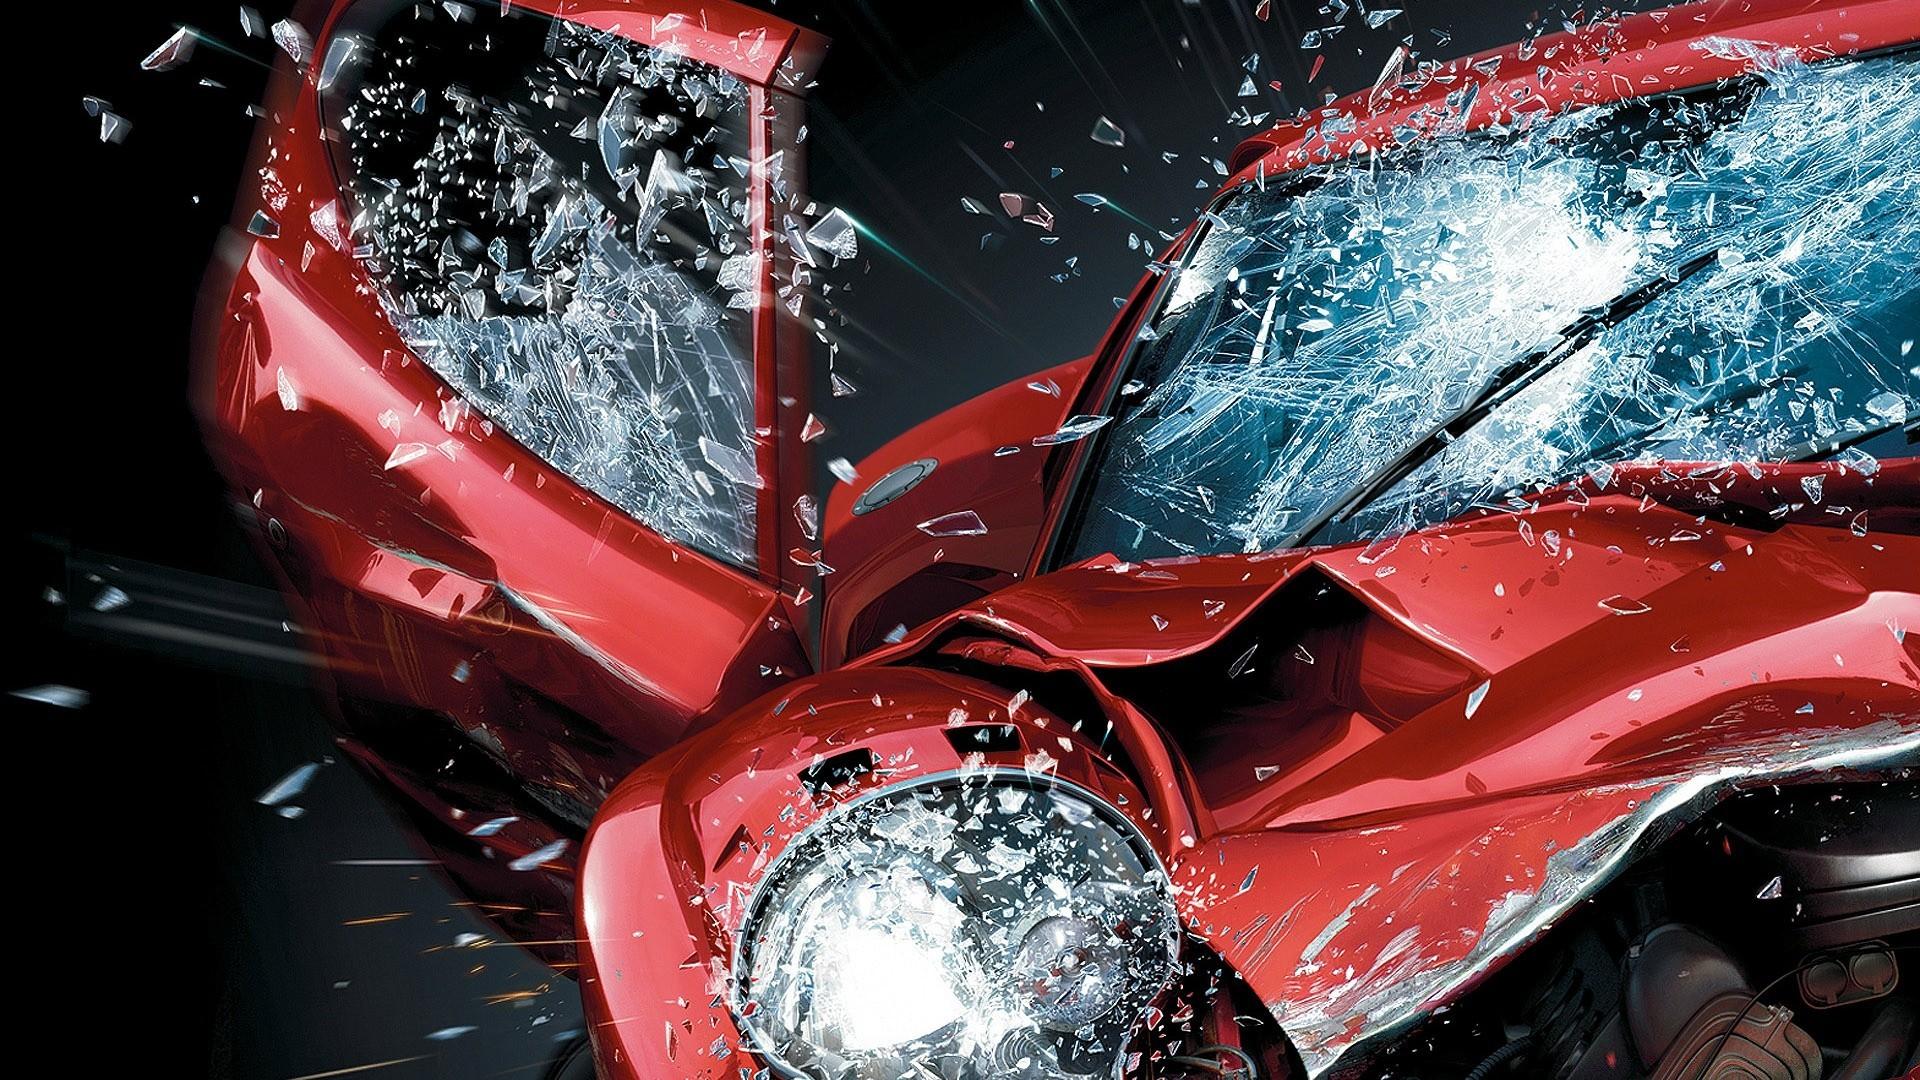 скачать бесплатно видео аварии на телефон